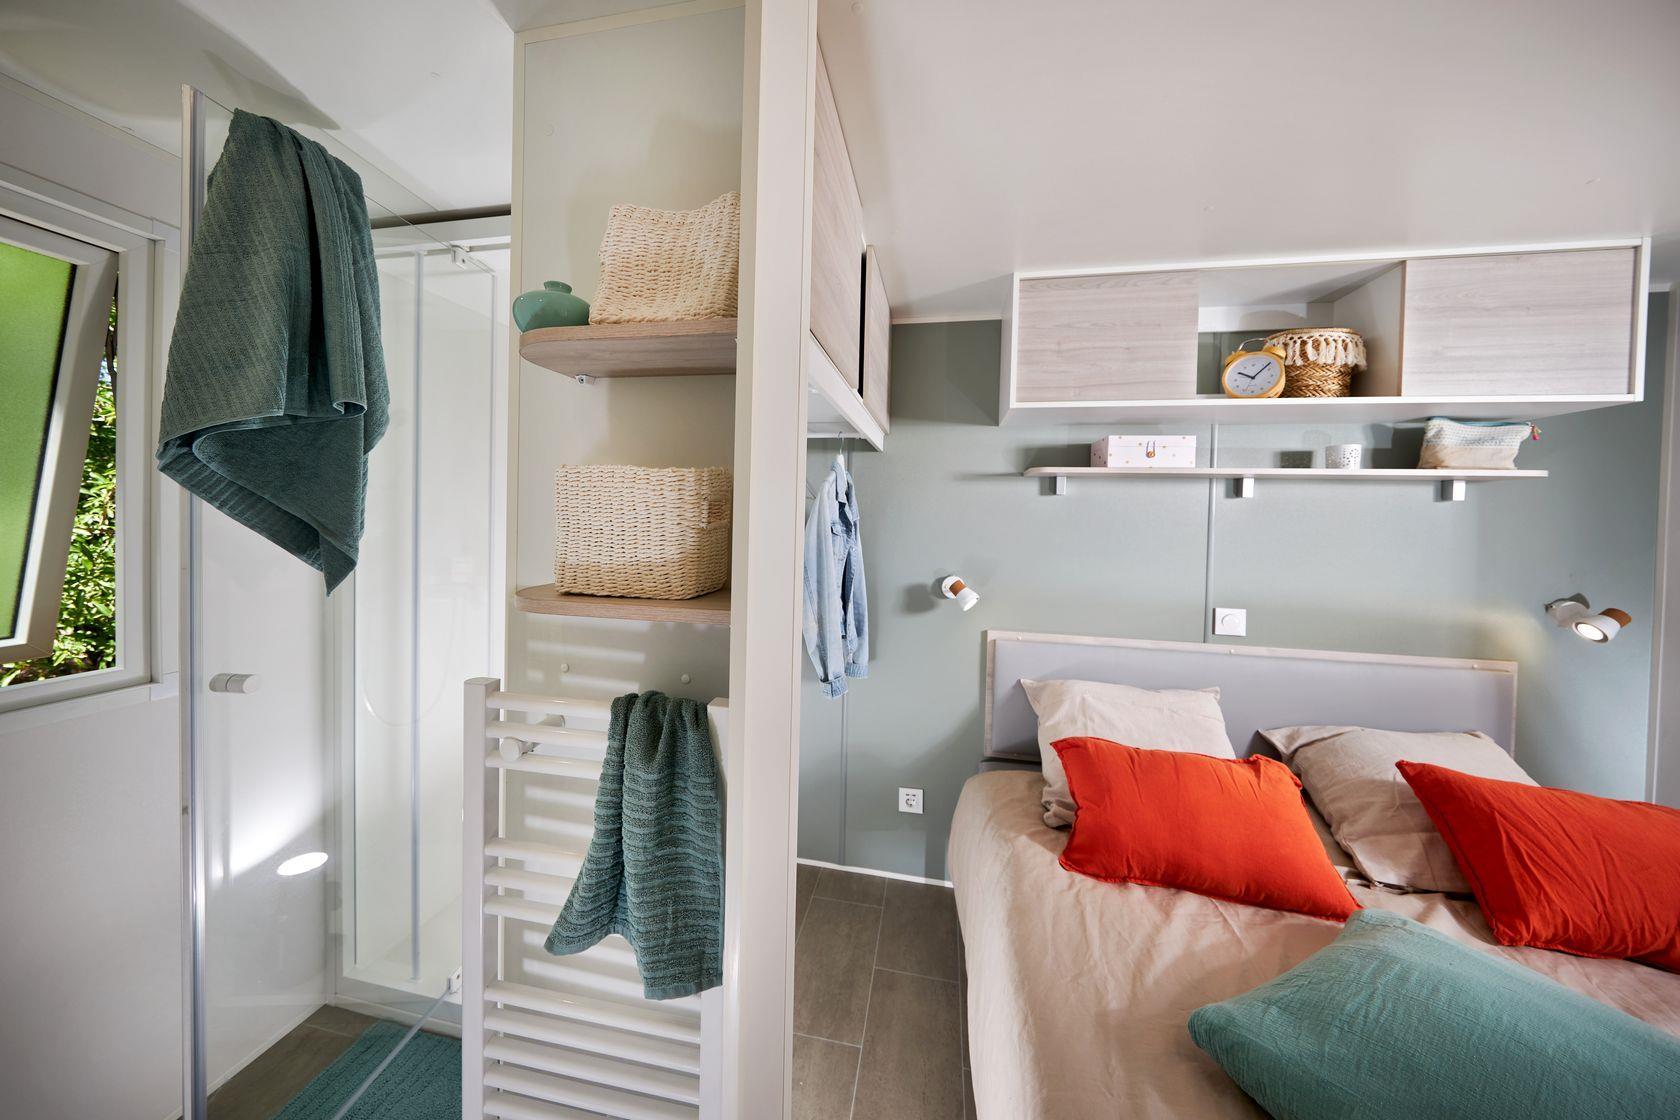 Camping-monte-ortu-new-mobile-home-seaview-slaapkamer-met-badkamer